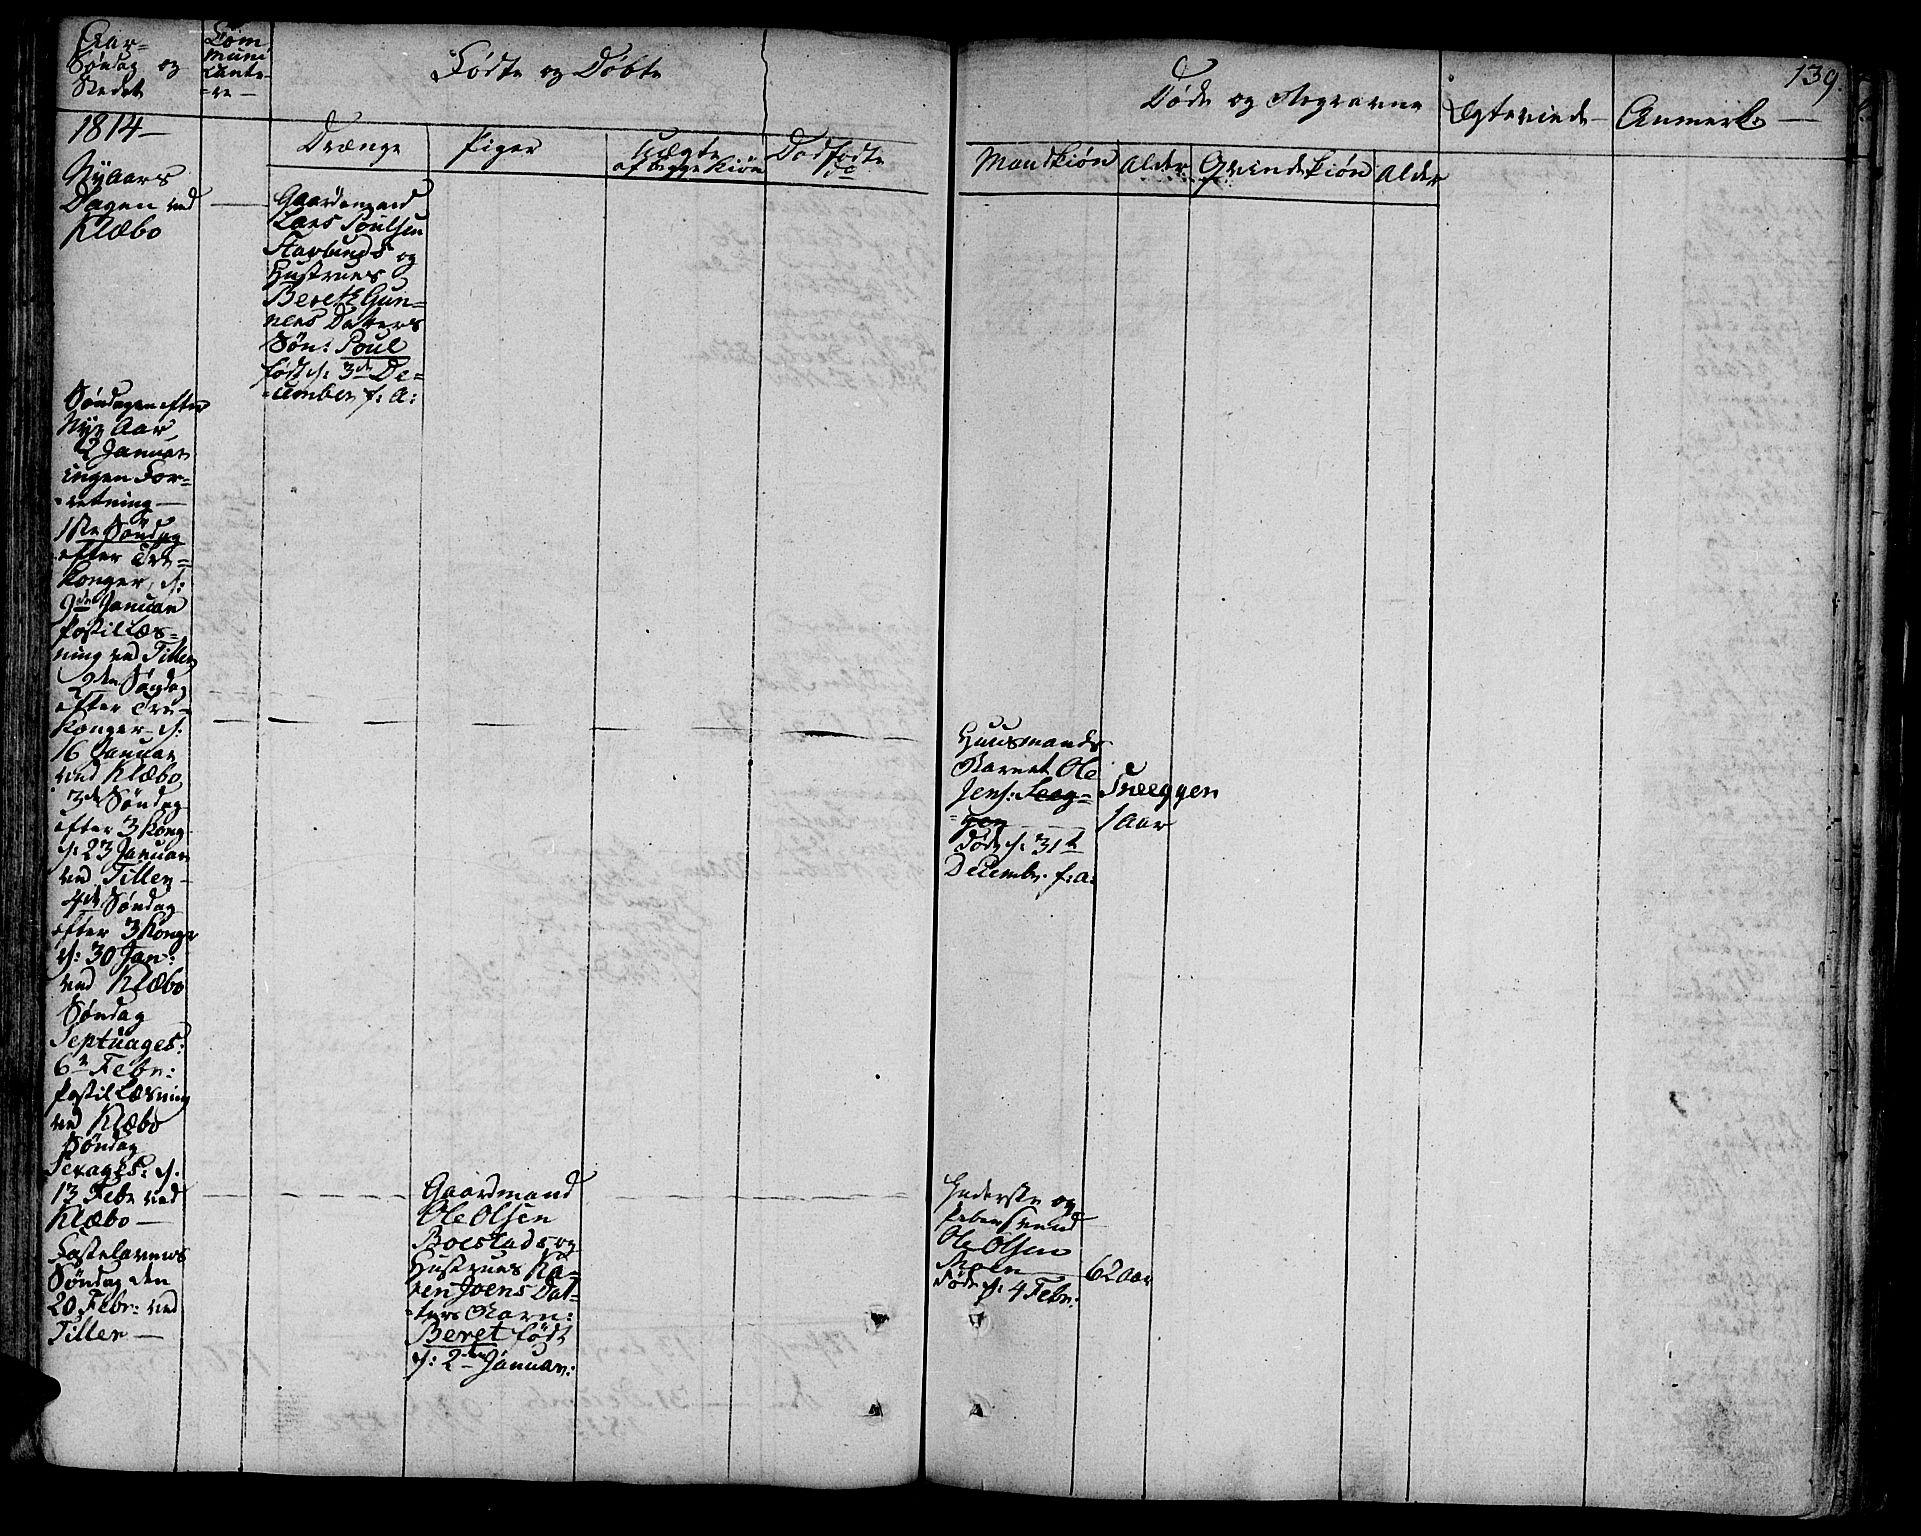 SAT, Ministerialprotokoller, klokkerbøker og fødselsregistre - Sør-Trøndelag, 618/L0438: Ministerialbok nr. 618A03, 1783-1815, s. 139